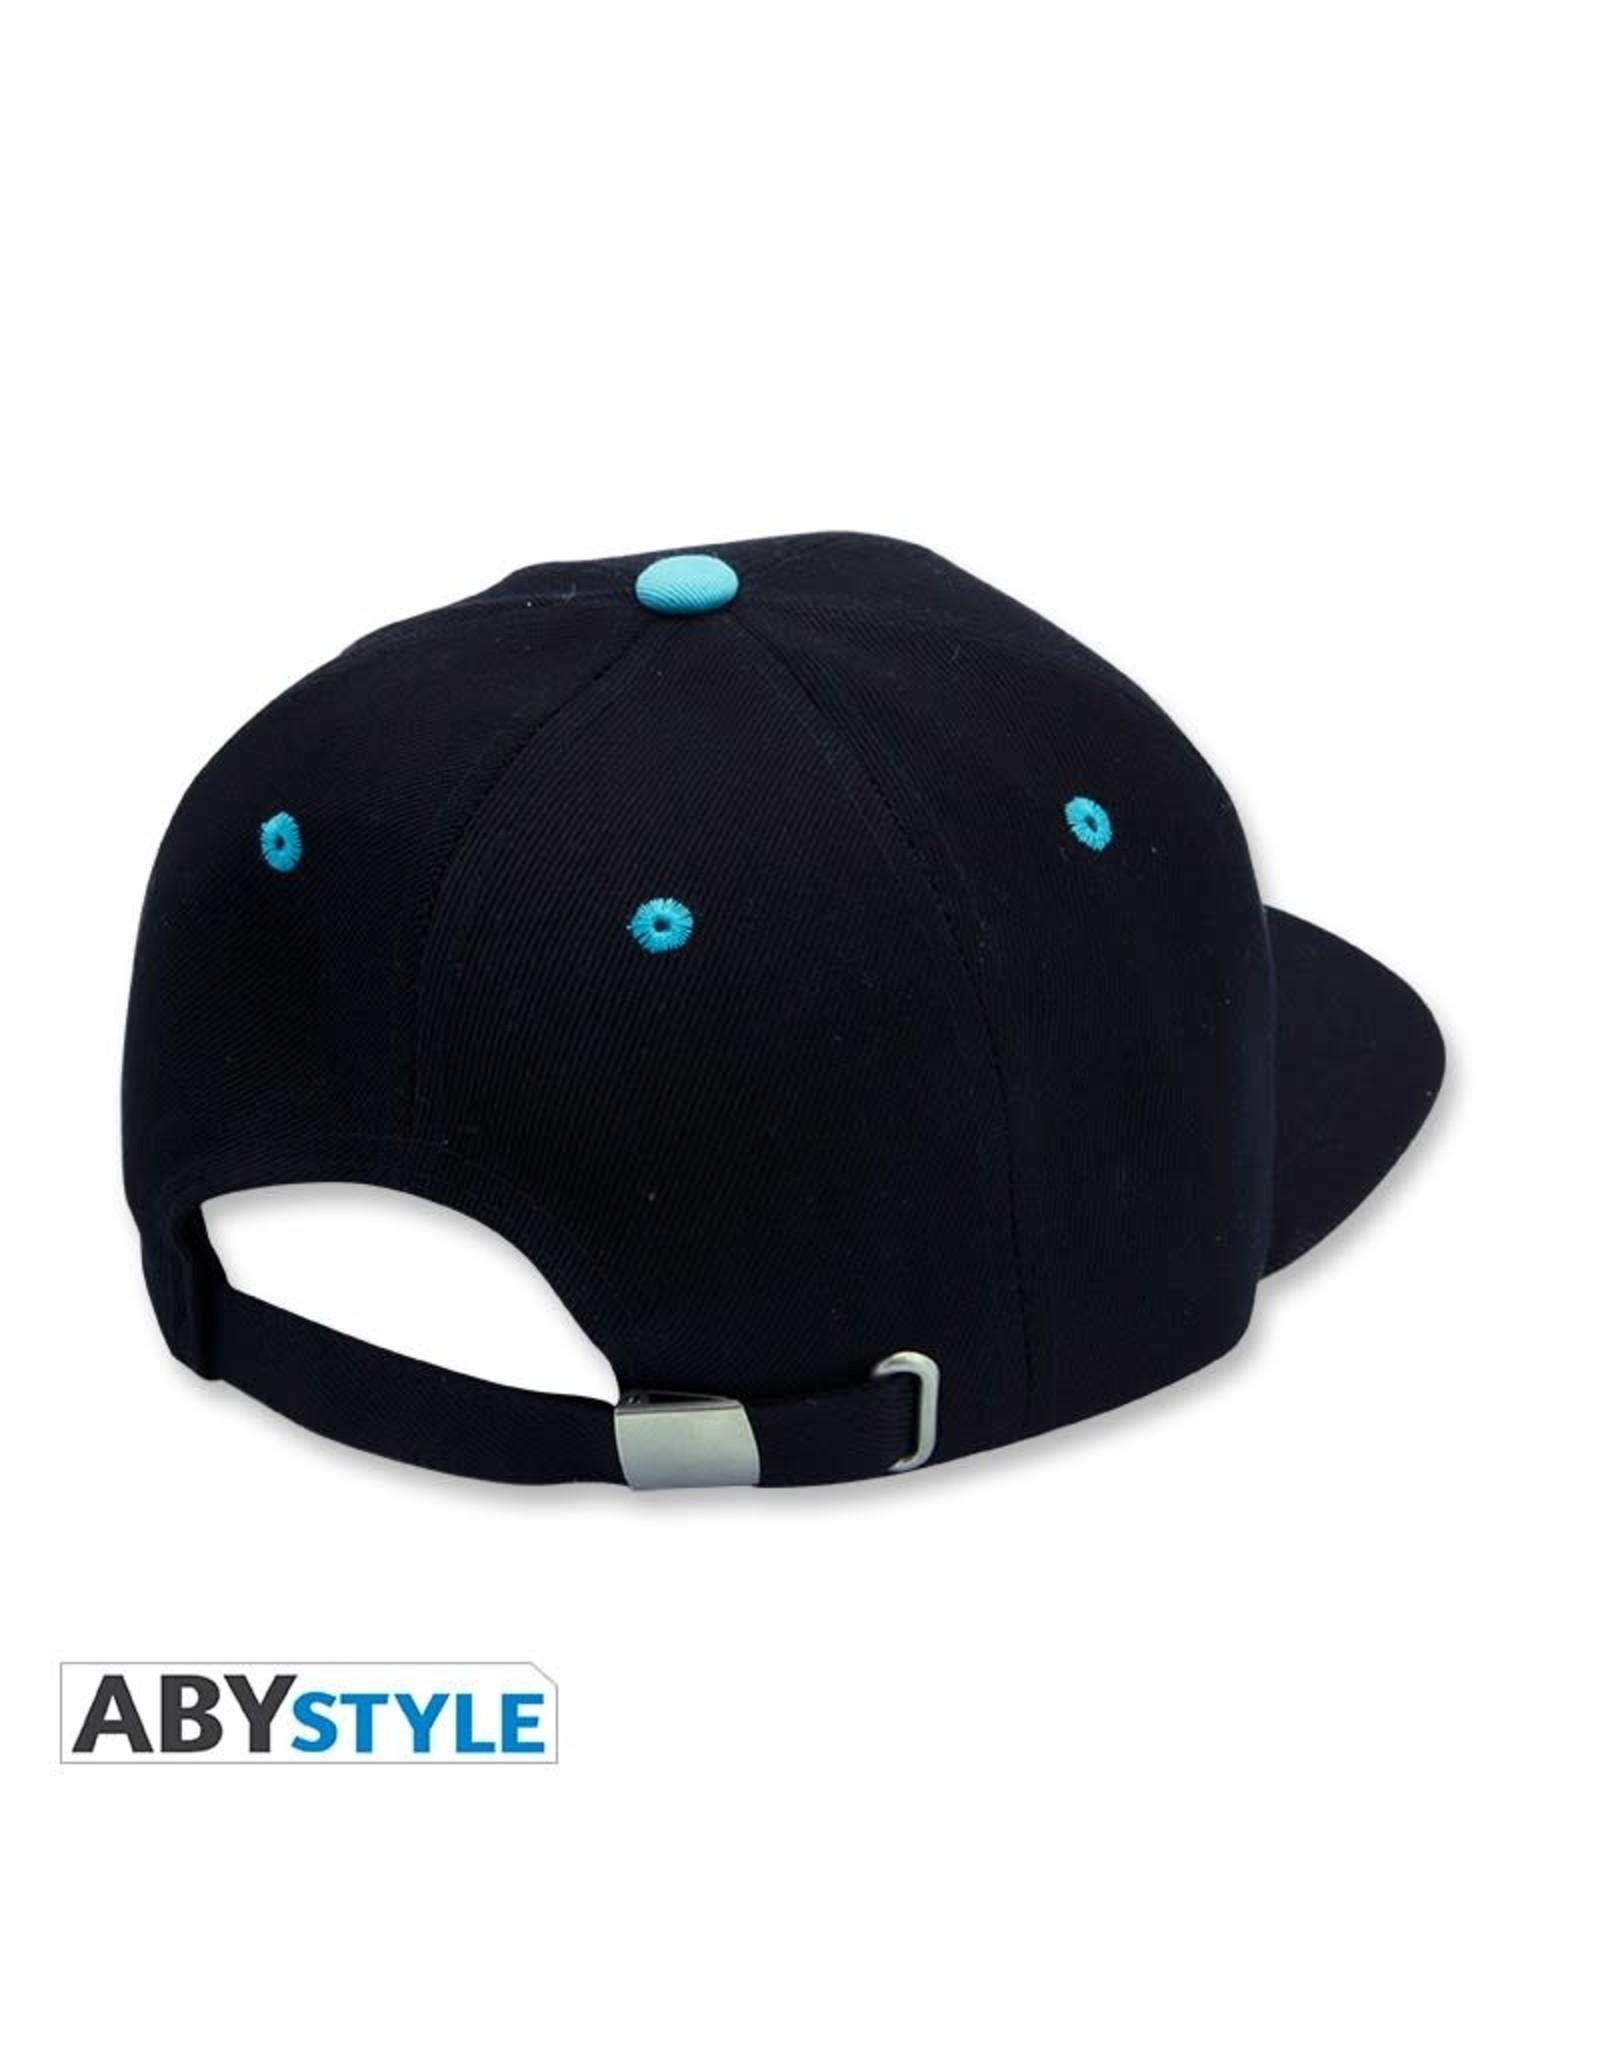 HEARTHSTONE - Snapback cap - Black - Rosette